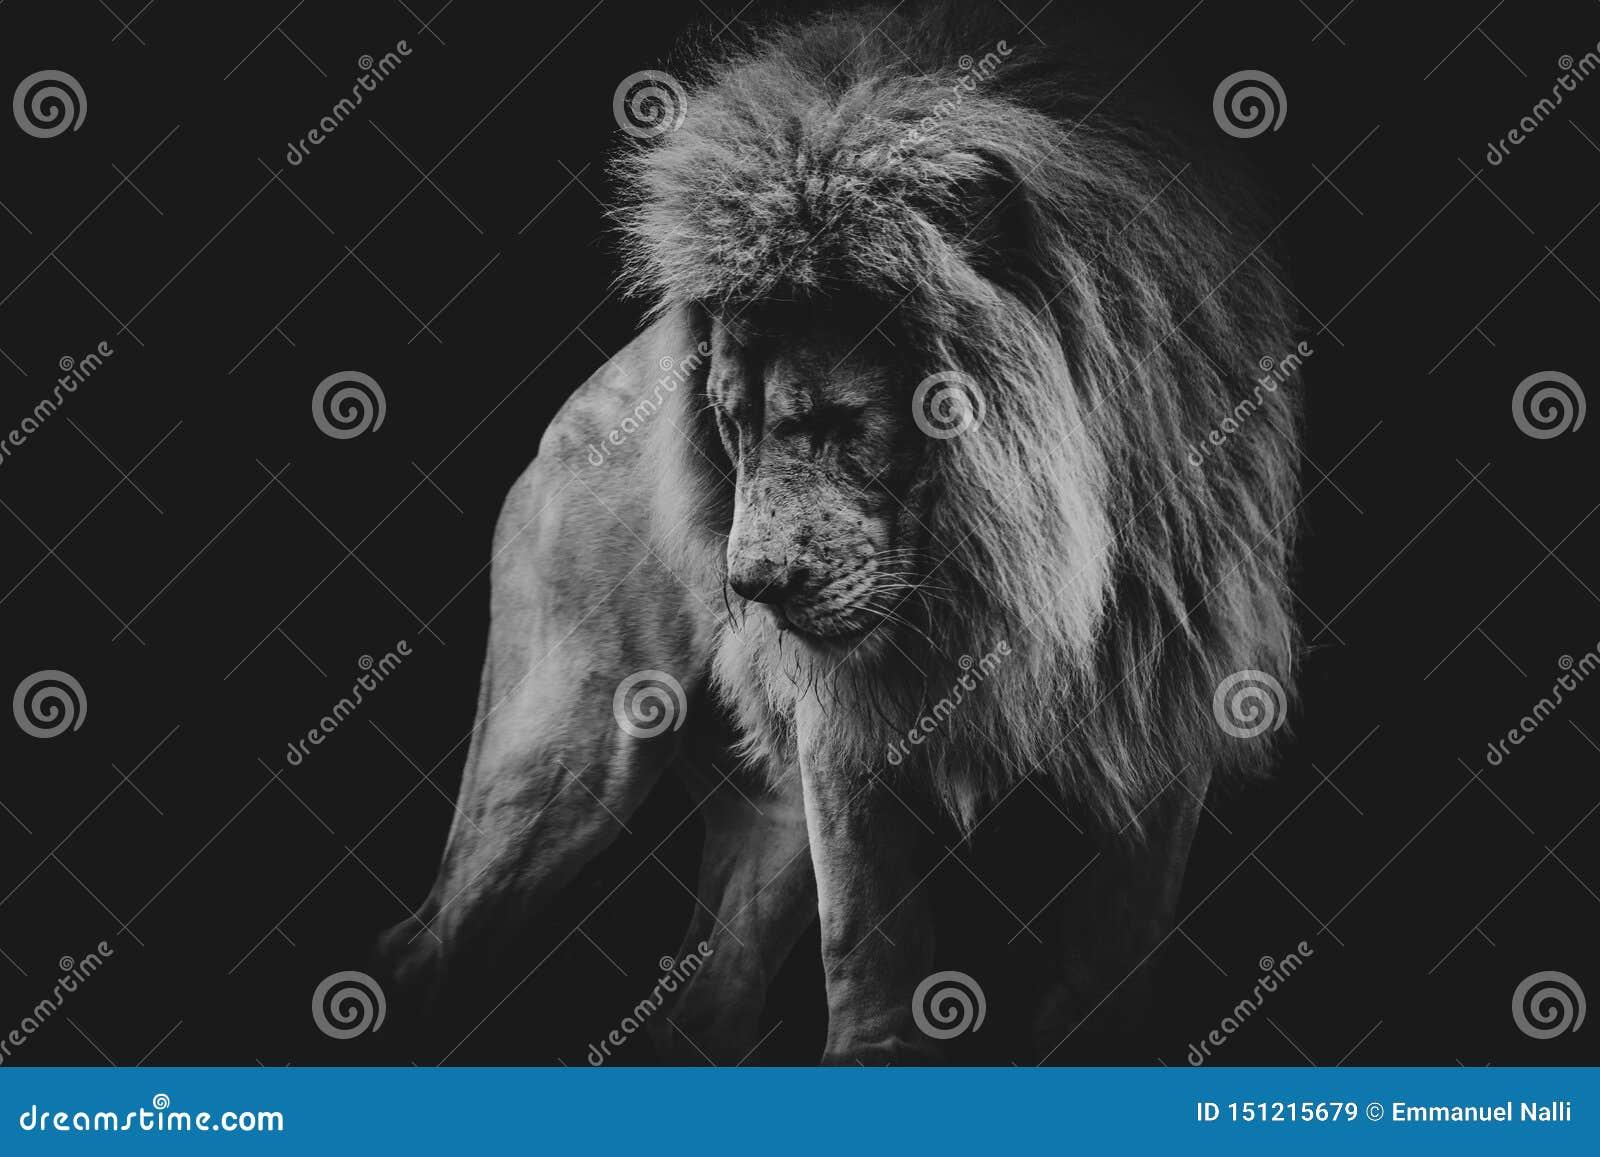 Retrato oscuro blanco y negro de un león africano